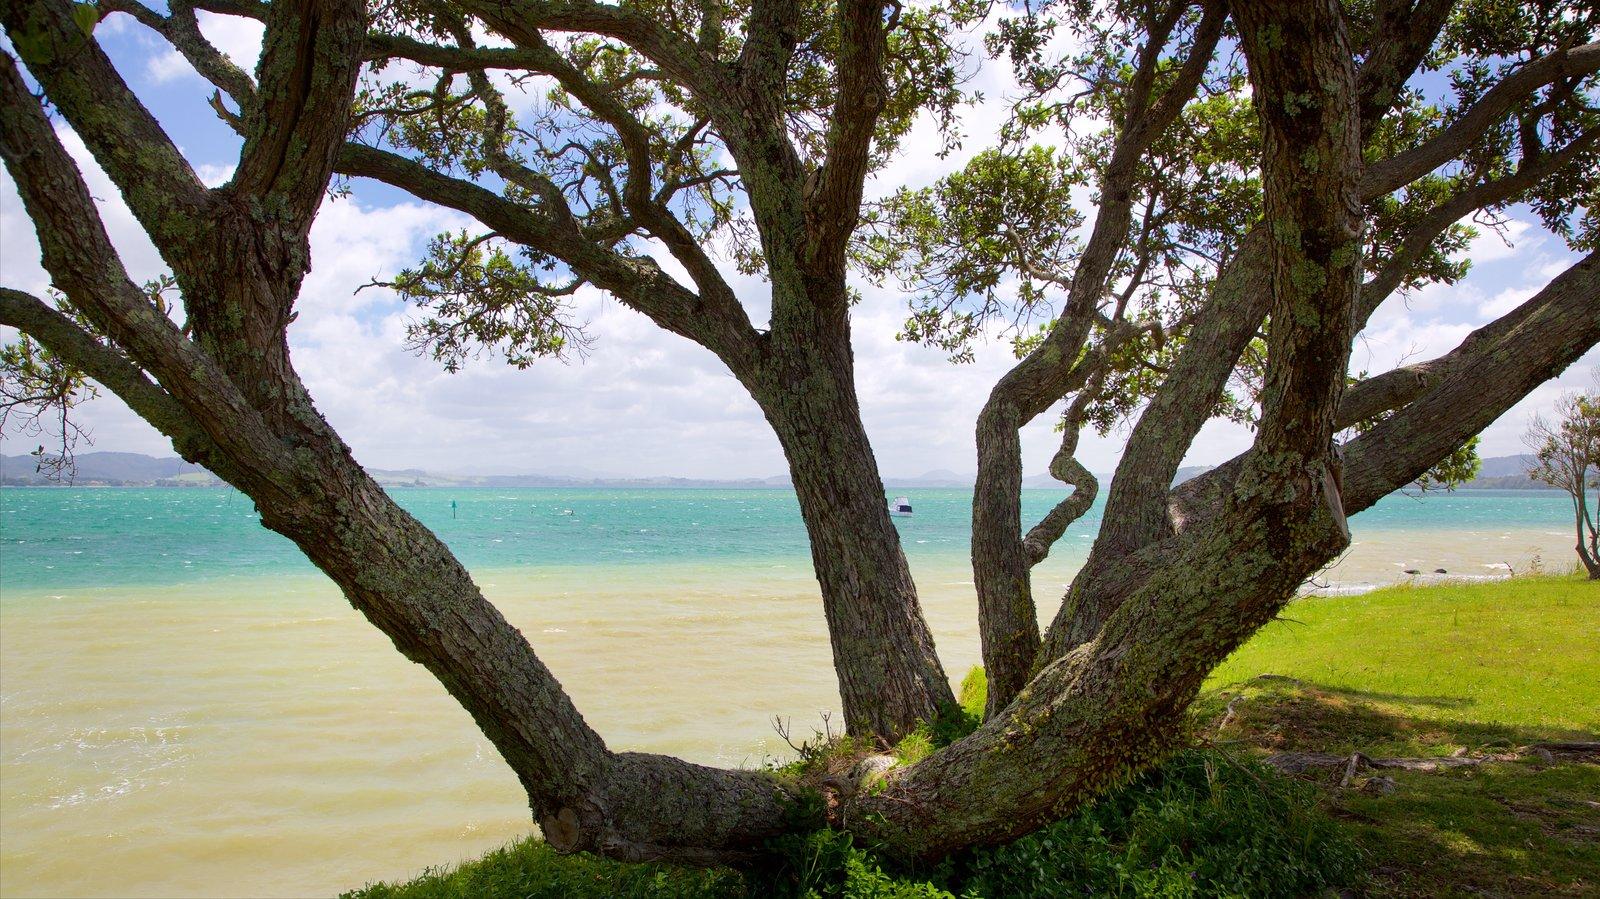 Whangarei Heads mostrando un jardín y vistas generales de la costa